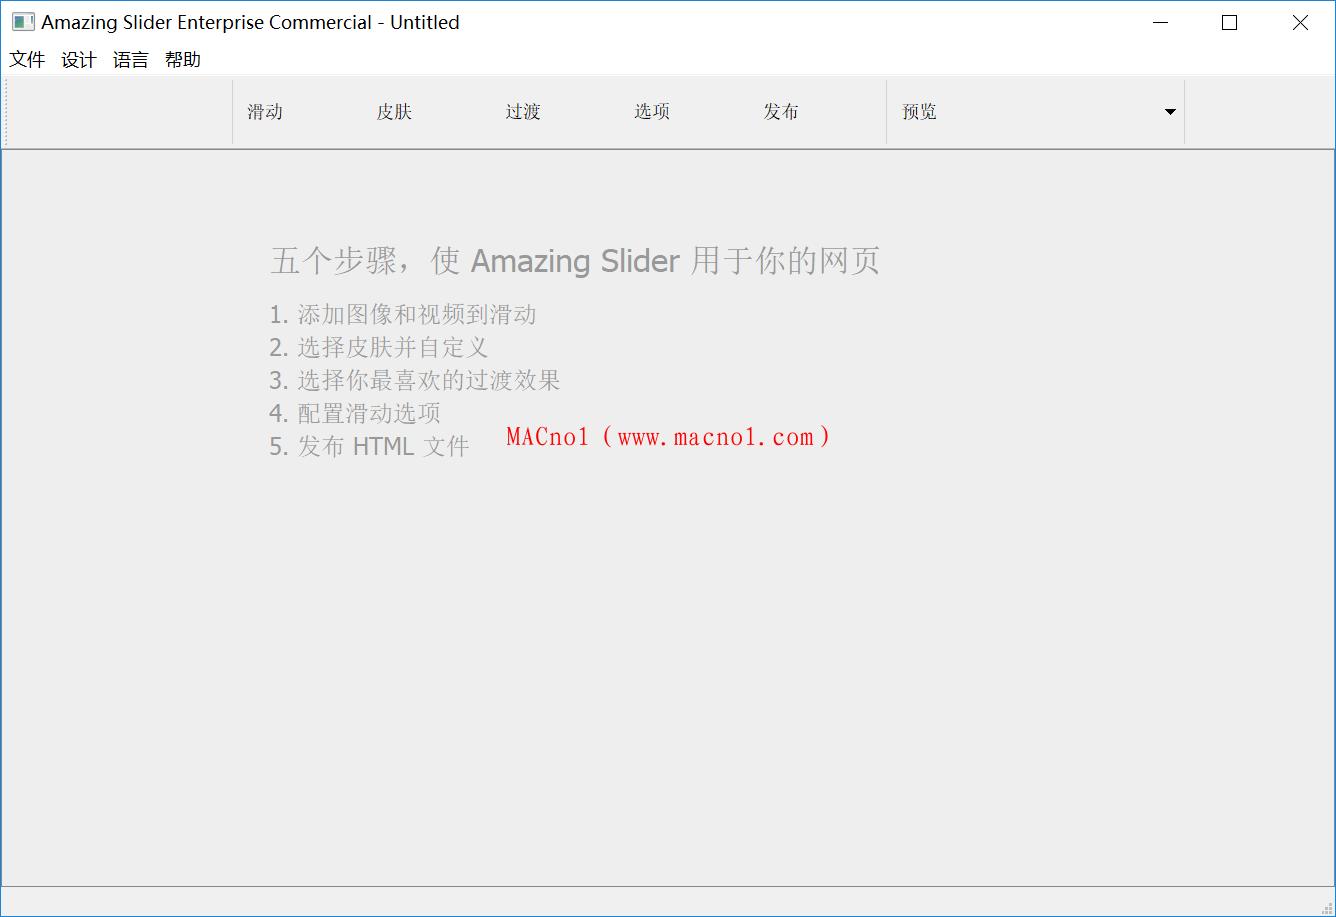 图片轮播制作软件 Amazing Slider v7.2.0 中文免费版(免注册码)